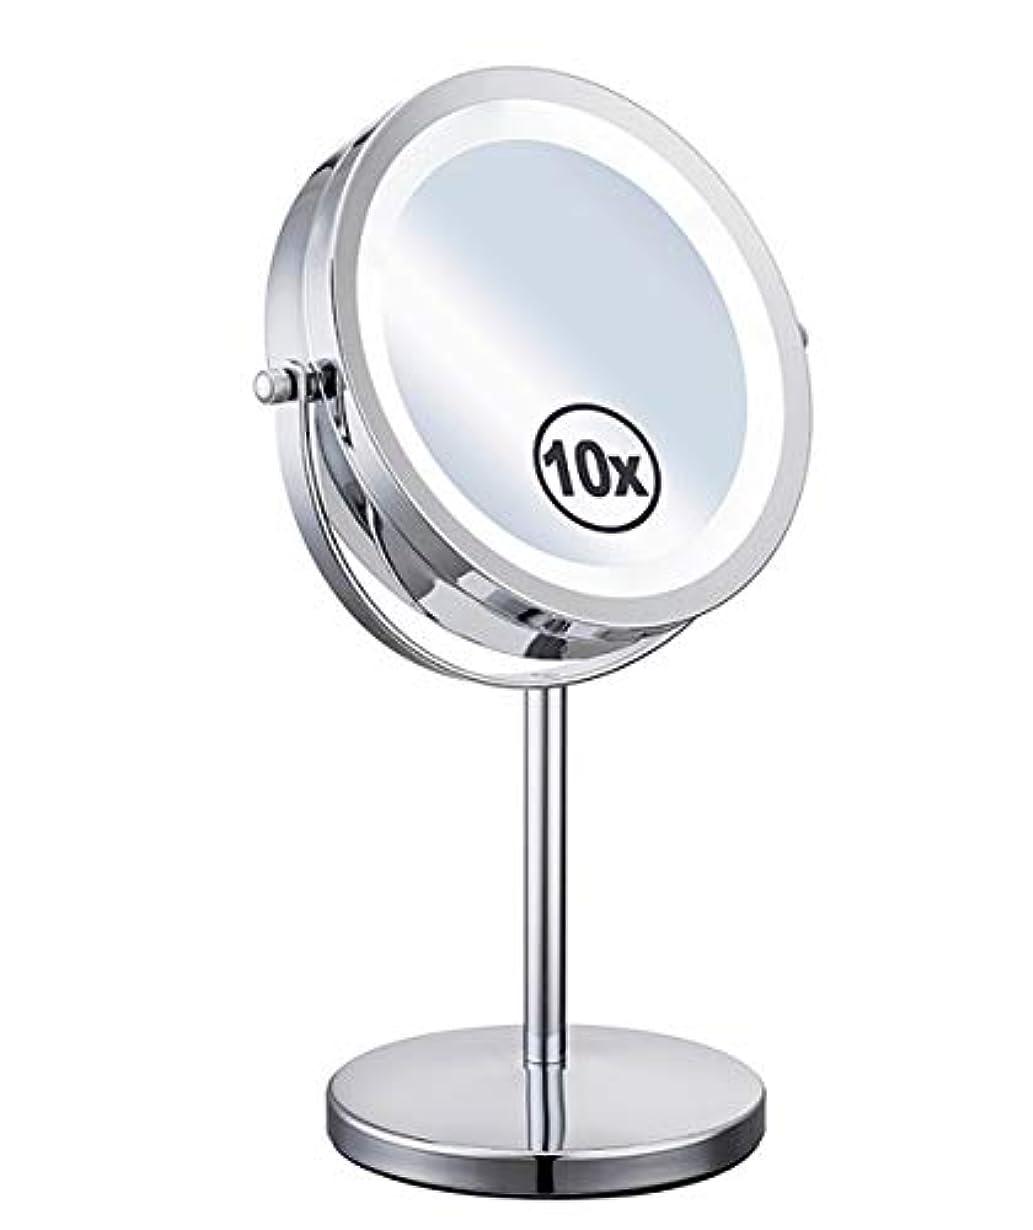 買い物に行く克服する自分のLED照明付き化粧鏡補助ランプデスクトップ両面360°スイベル1倍/ 10倍拡大鏡個人用とミラー